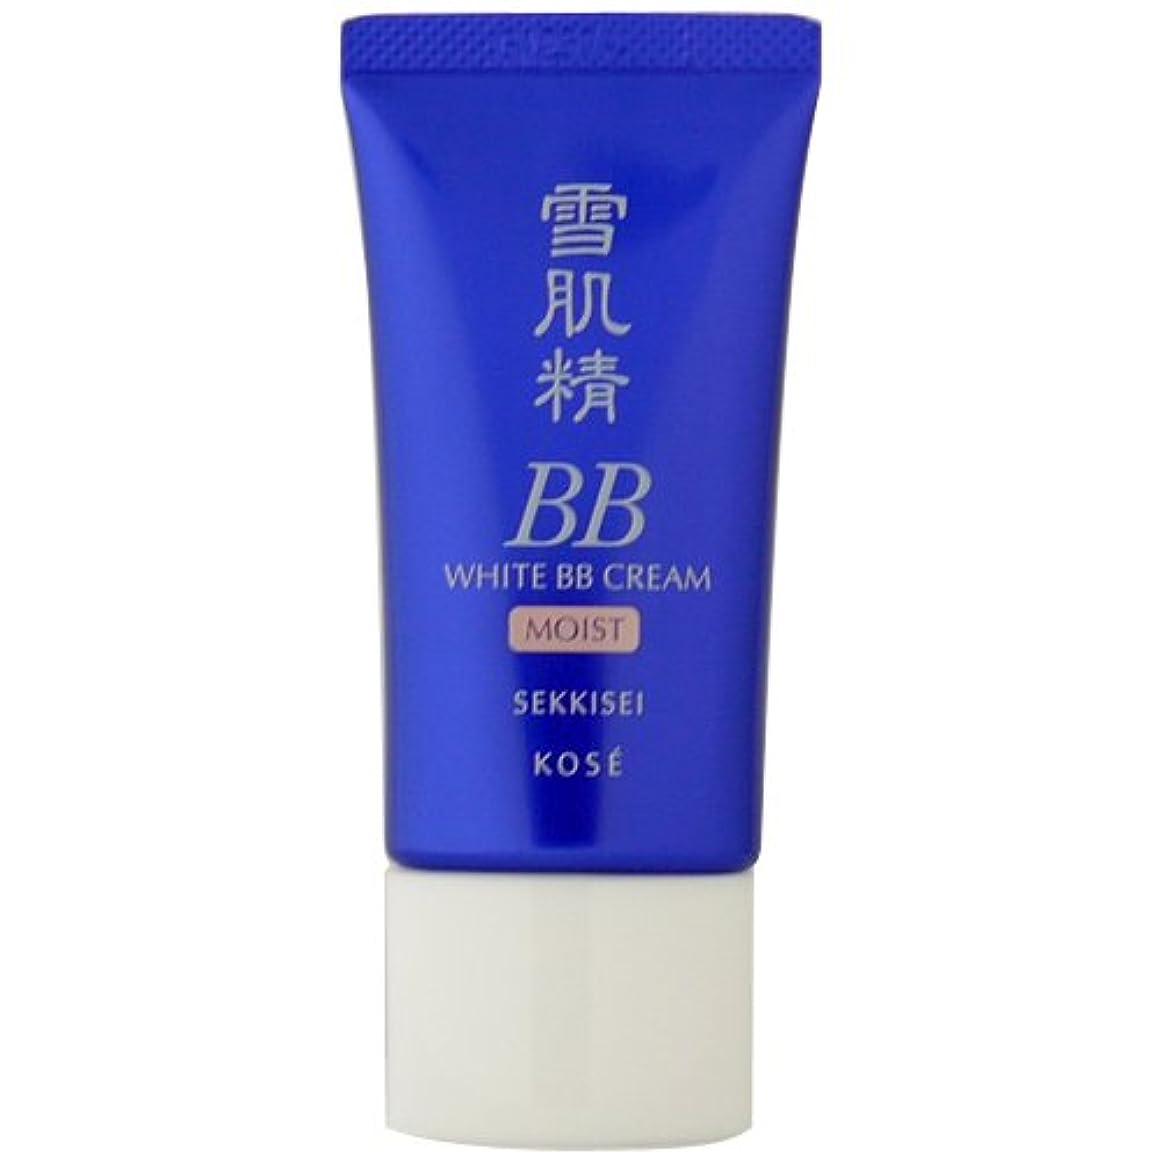 コマースチロ悪用コーセー 雪肌精 ホワイトBBクリーム SPF40 PA+++ 【02】 [並行輸入品]